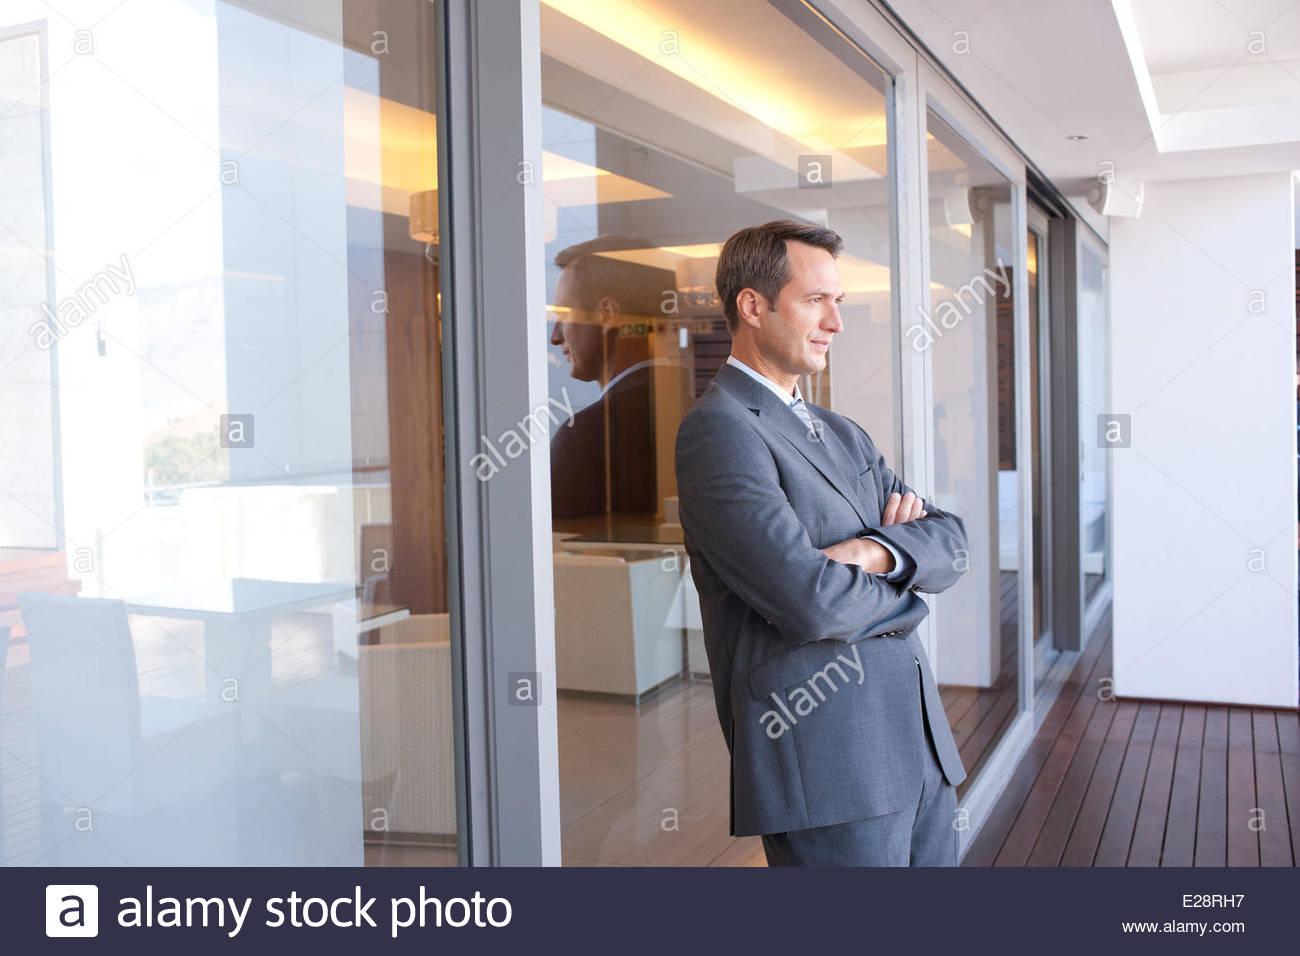 Geschäftsmann in Hotellobby mit Arm geschlossen Stockbild